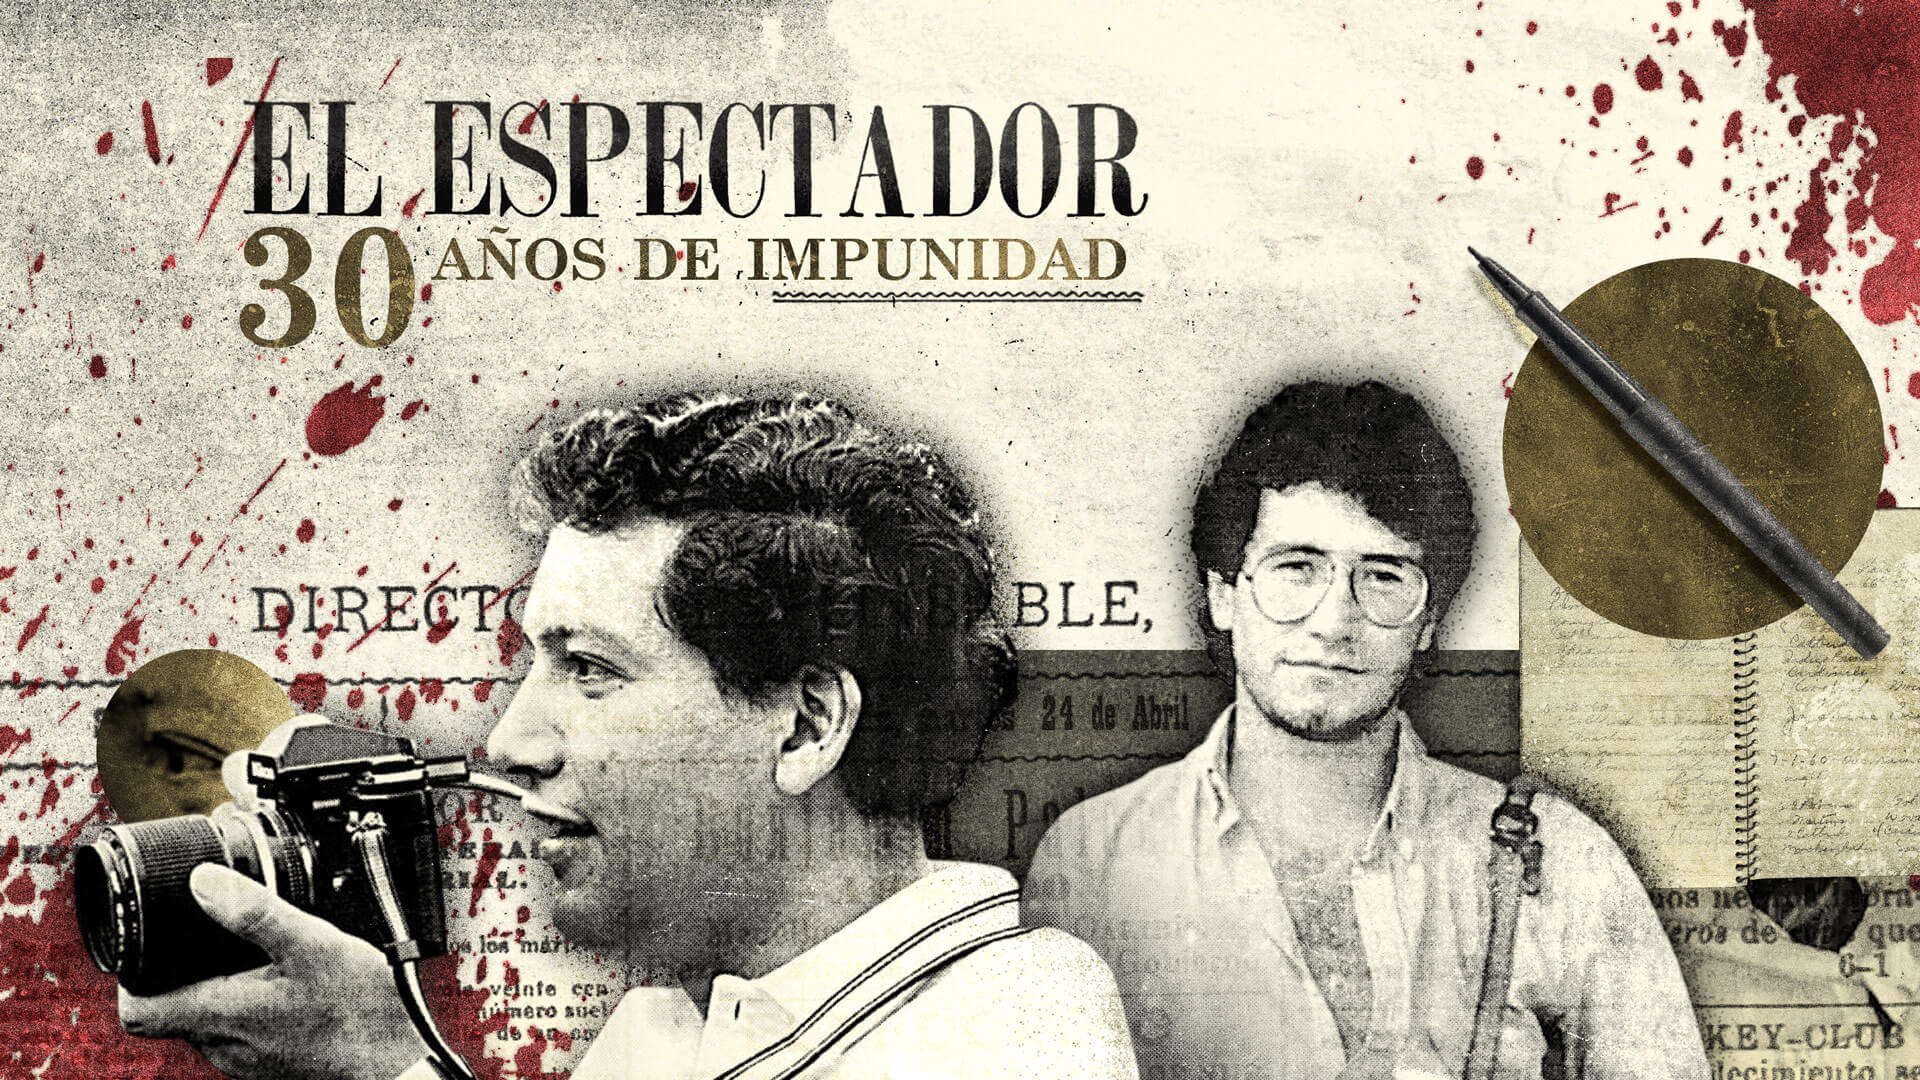 Un fotógrafo y un poeta fueron asesinados hace 30 años, pero nadie ha sido condenado